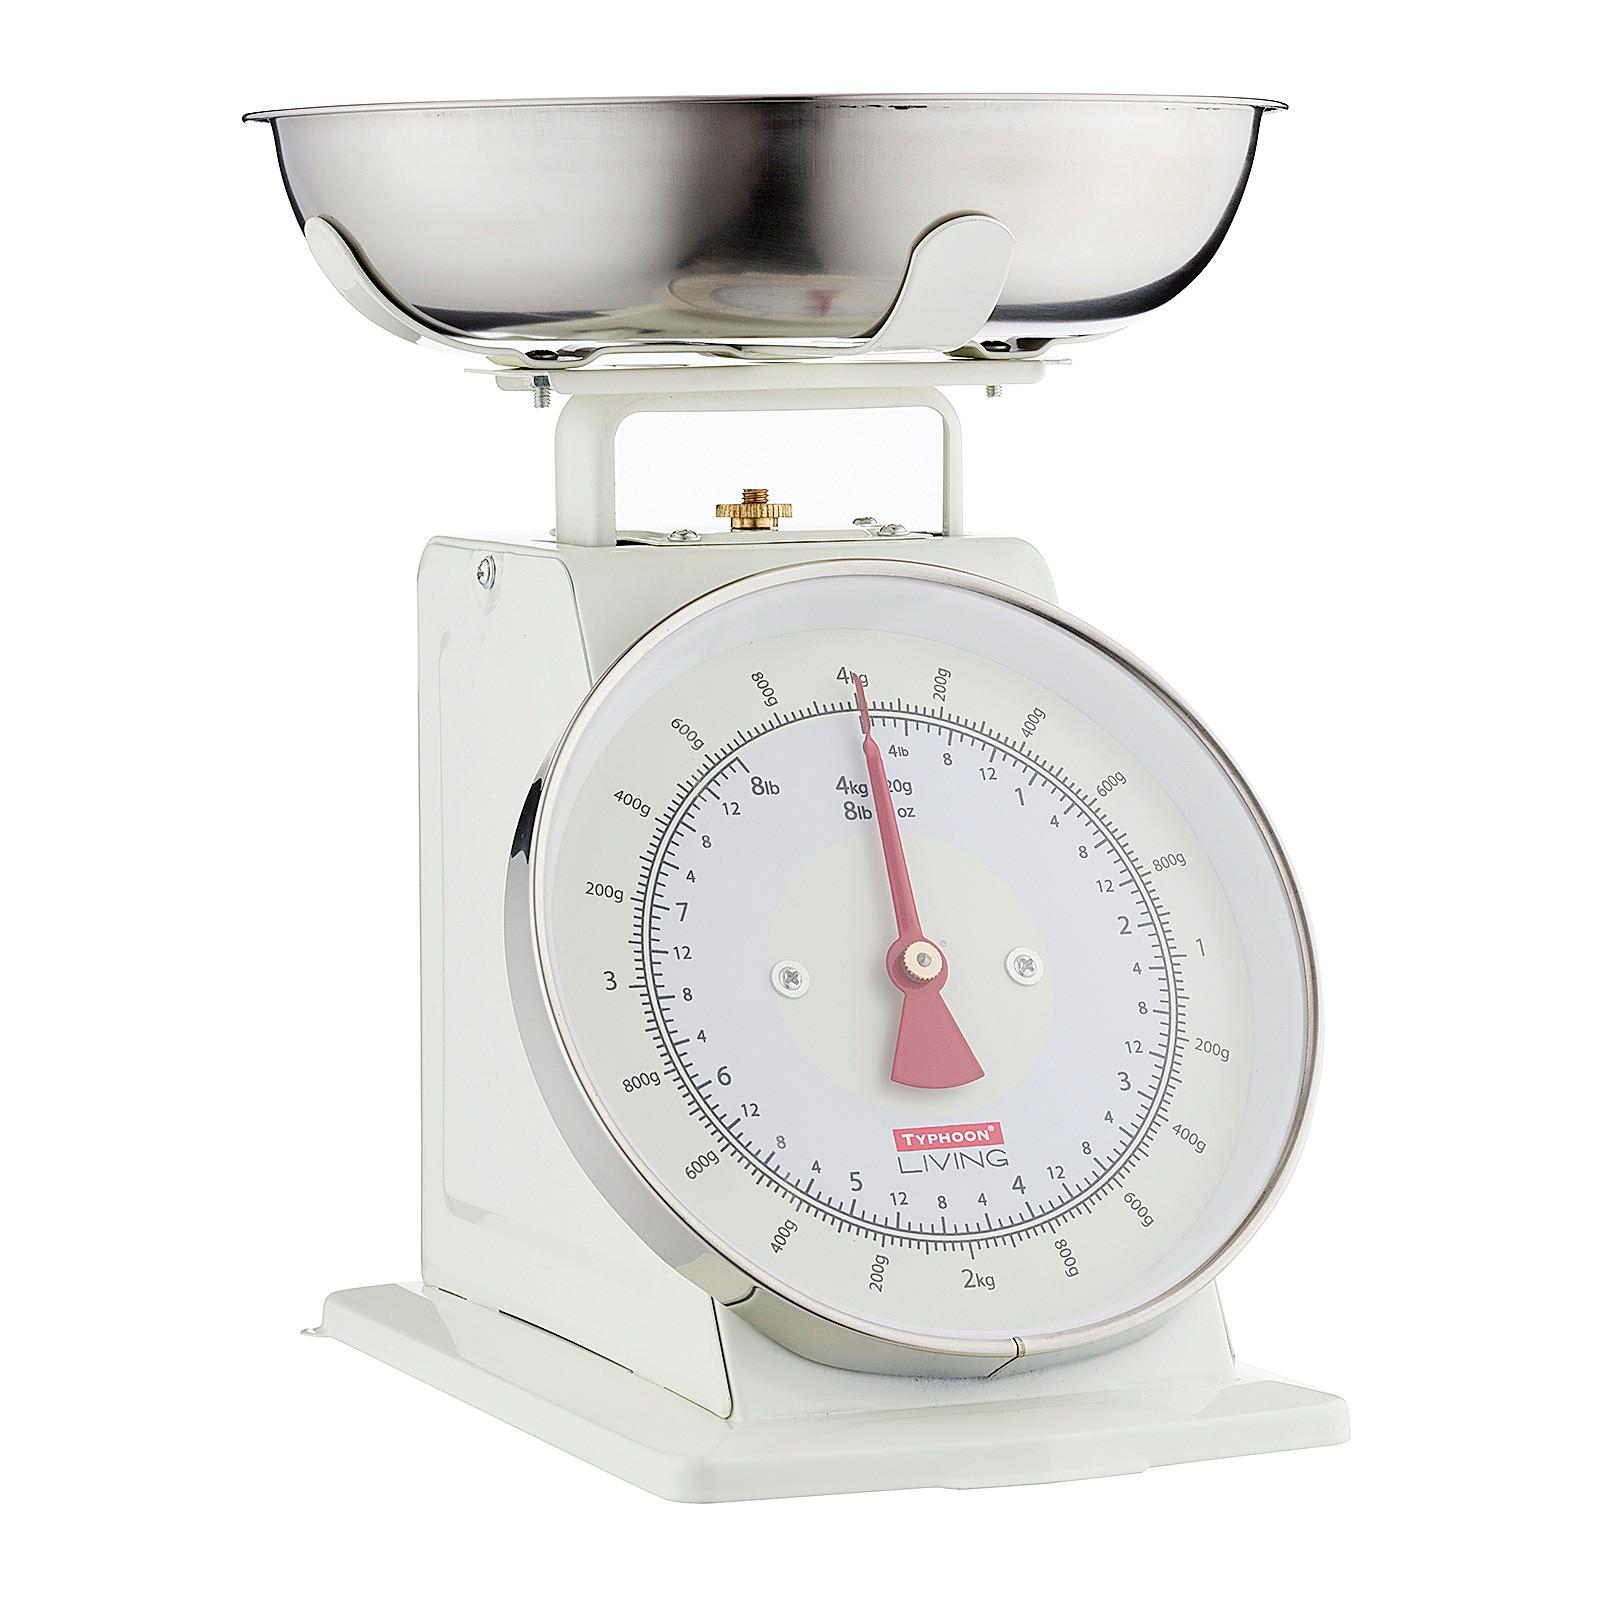 Typhoon Living Retro Kitchen Scale, Cream